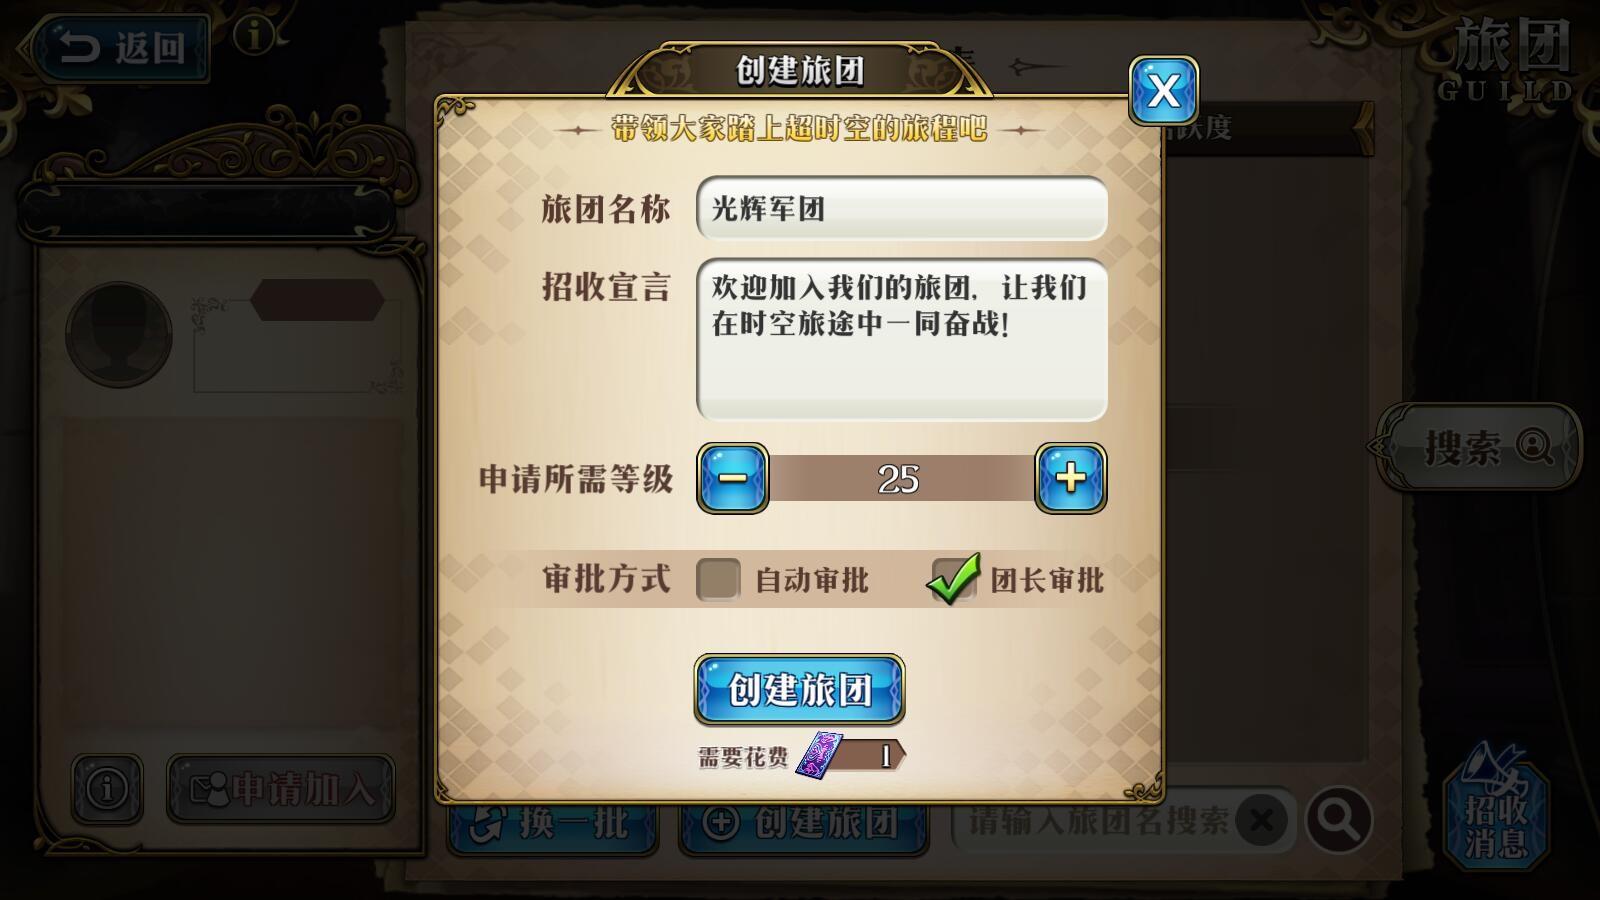 《梦幻模拟战》手游不限量测试今日开启!